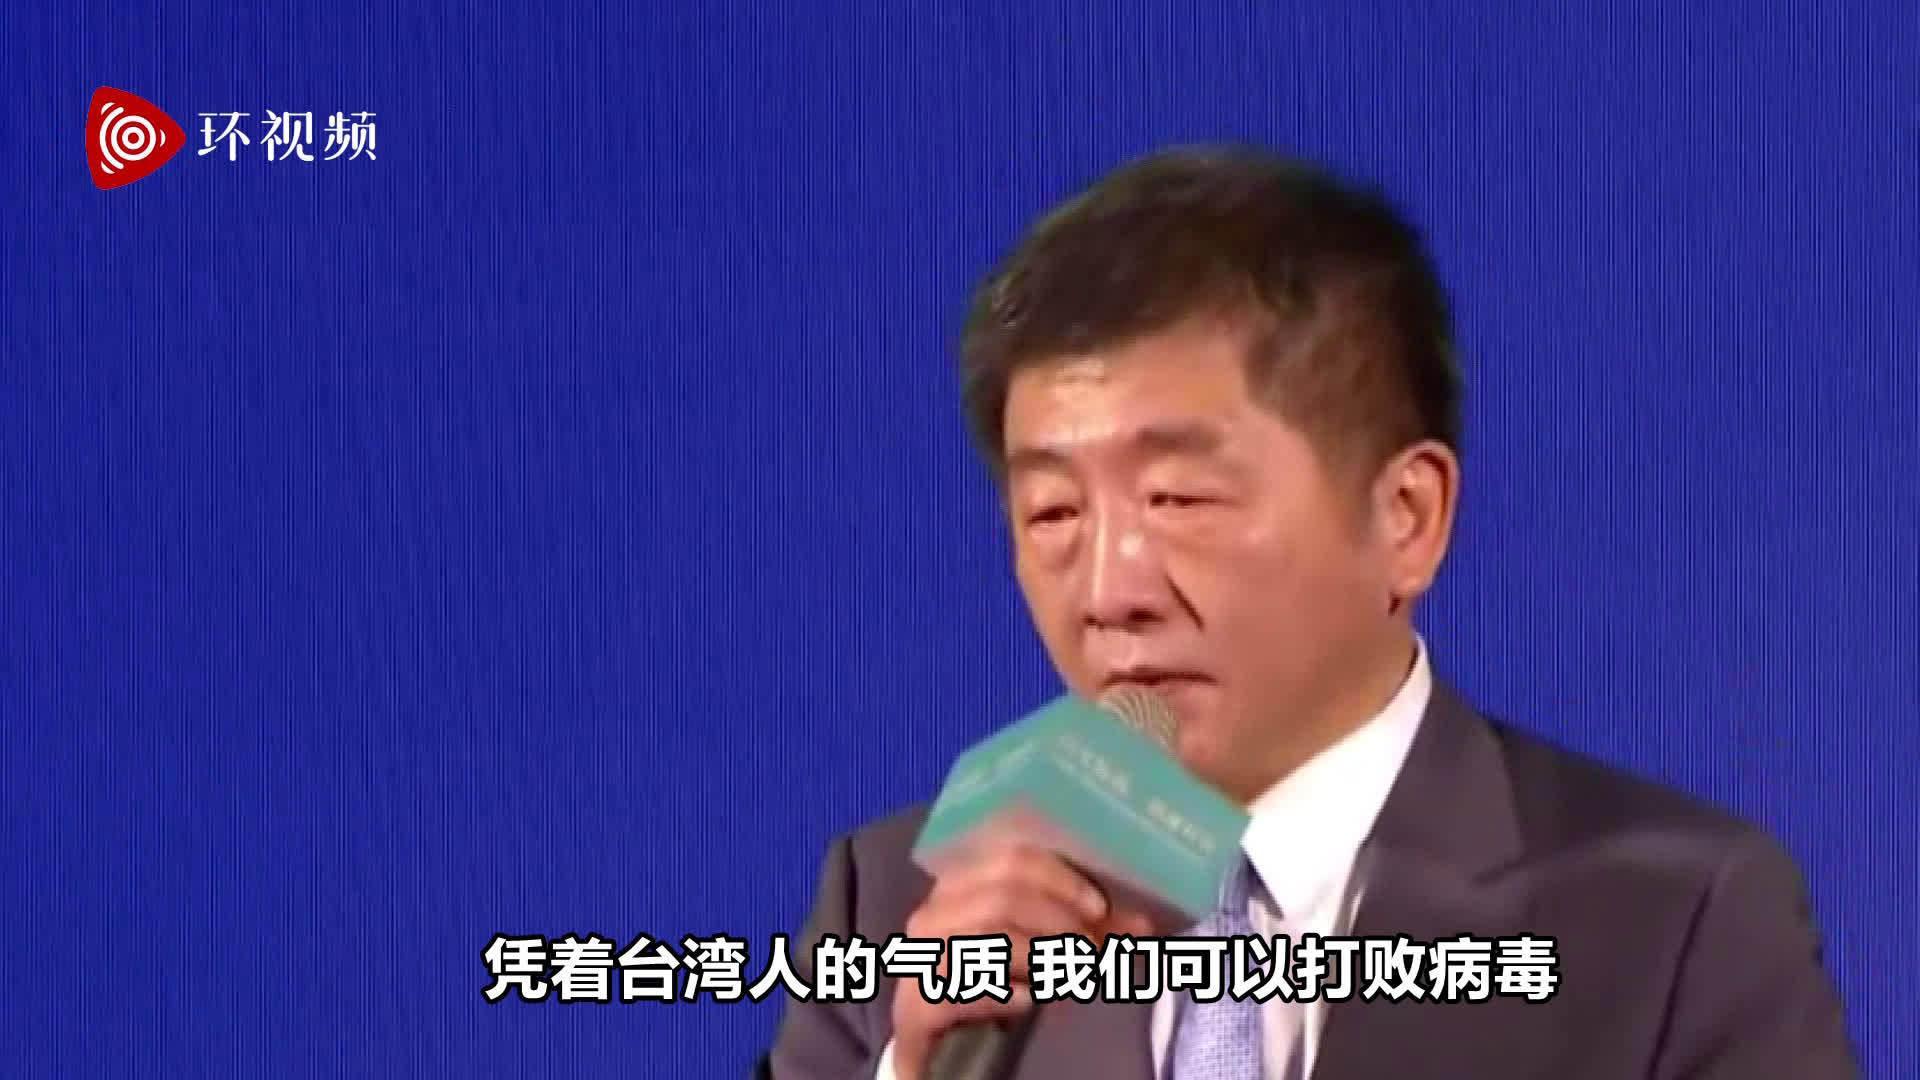 """台""""卫福部长""""称台湾人靠气质可以打败病毒:美国人气质比我们差"""